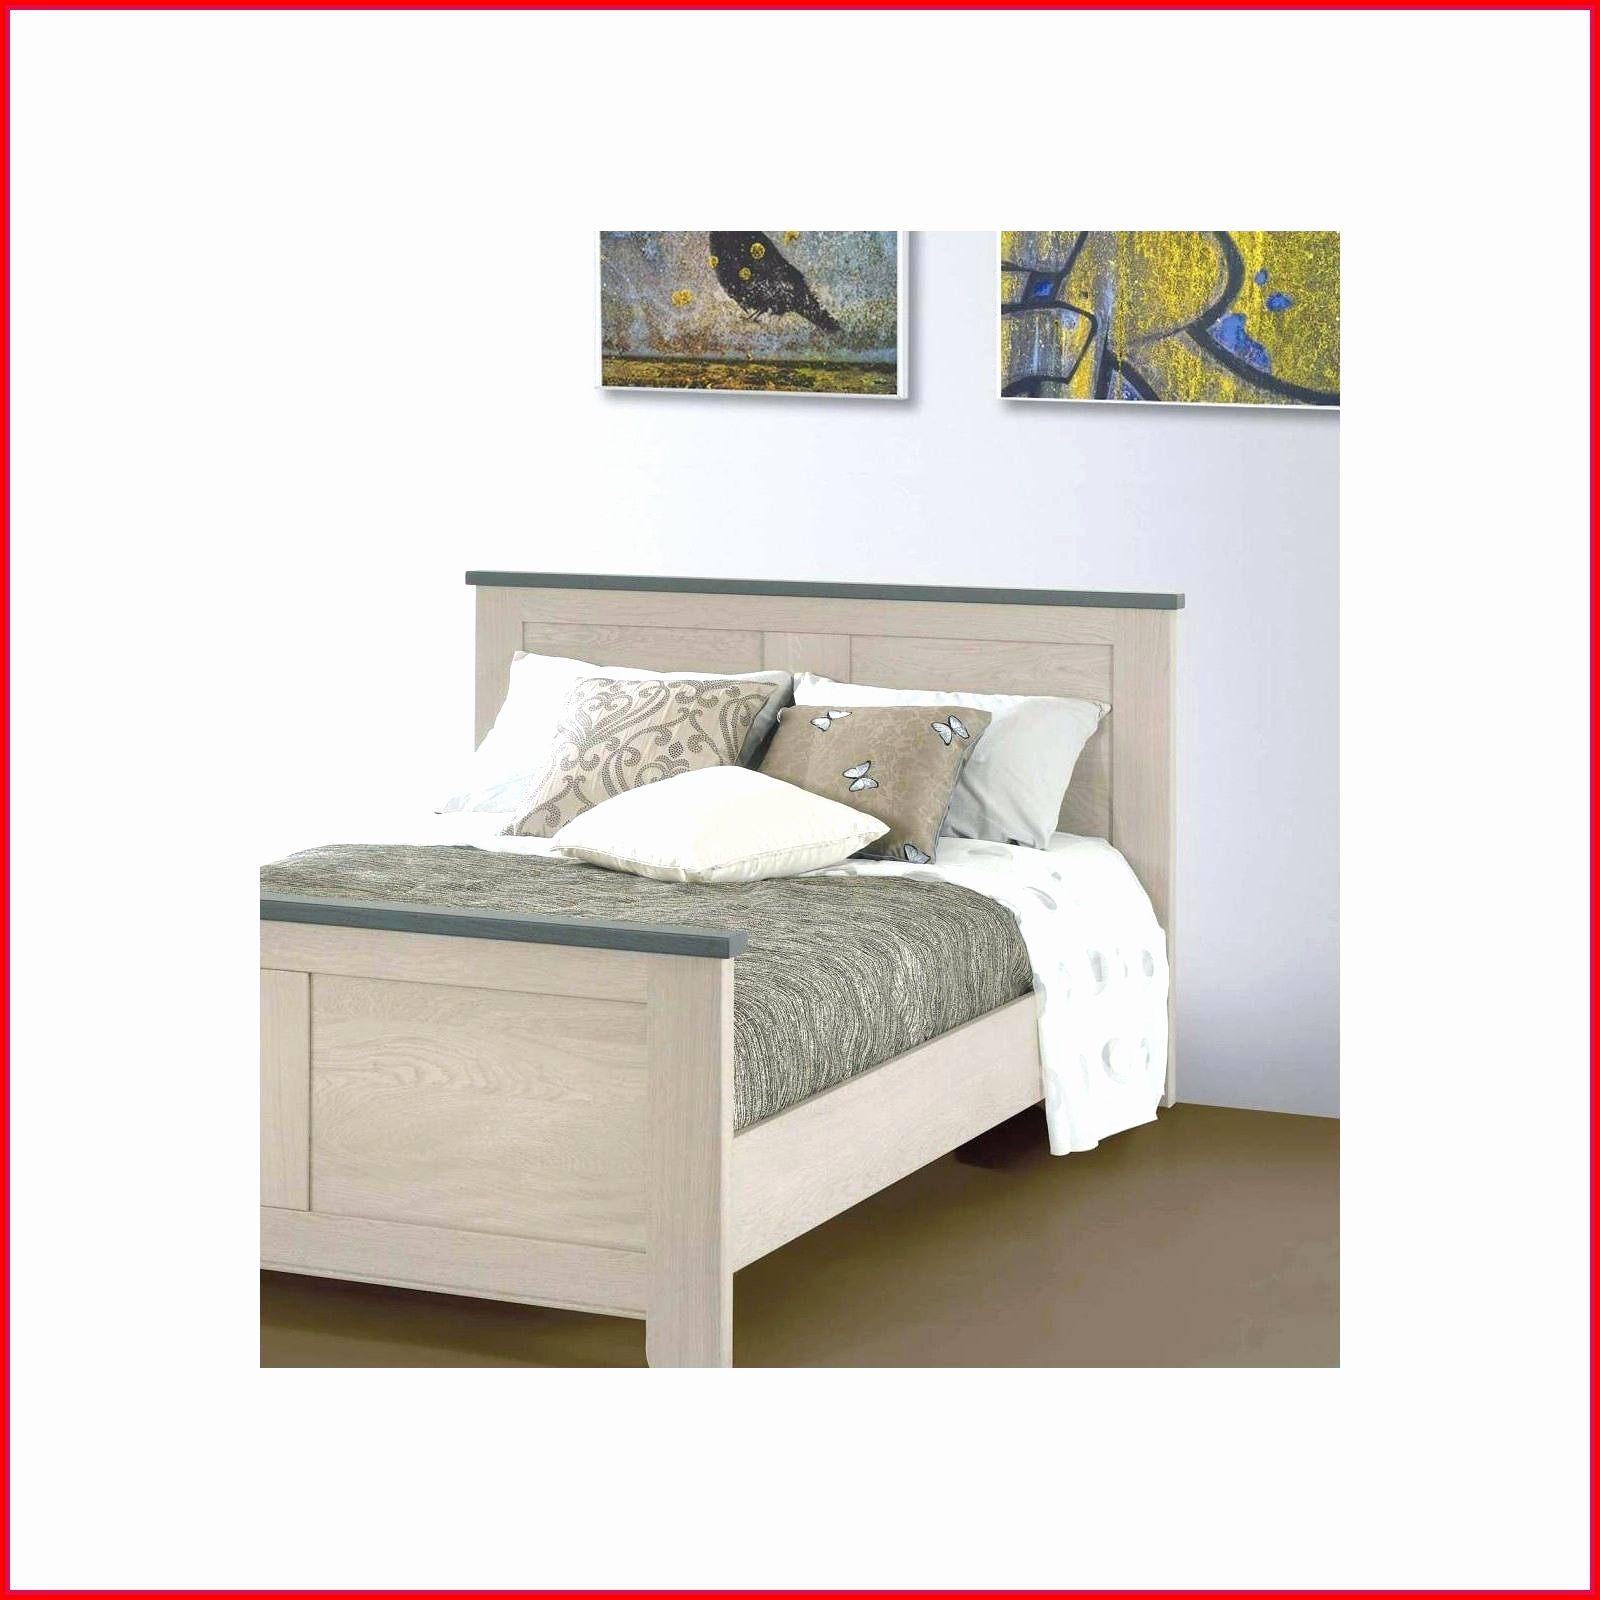 Lit Rangement Ikea Nouveau Lit Moderne Avec Rangement Meilleur De Lit A Rangement Tete De Lit